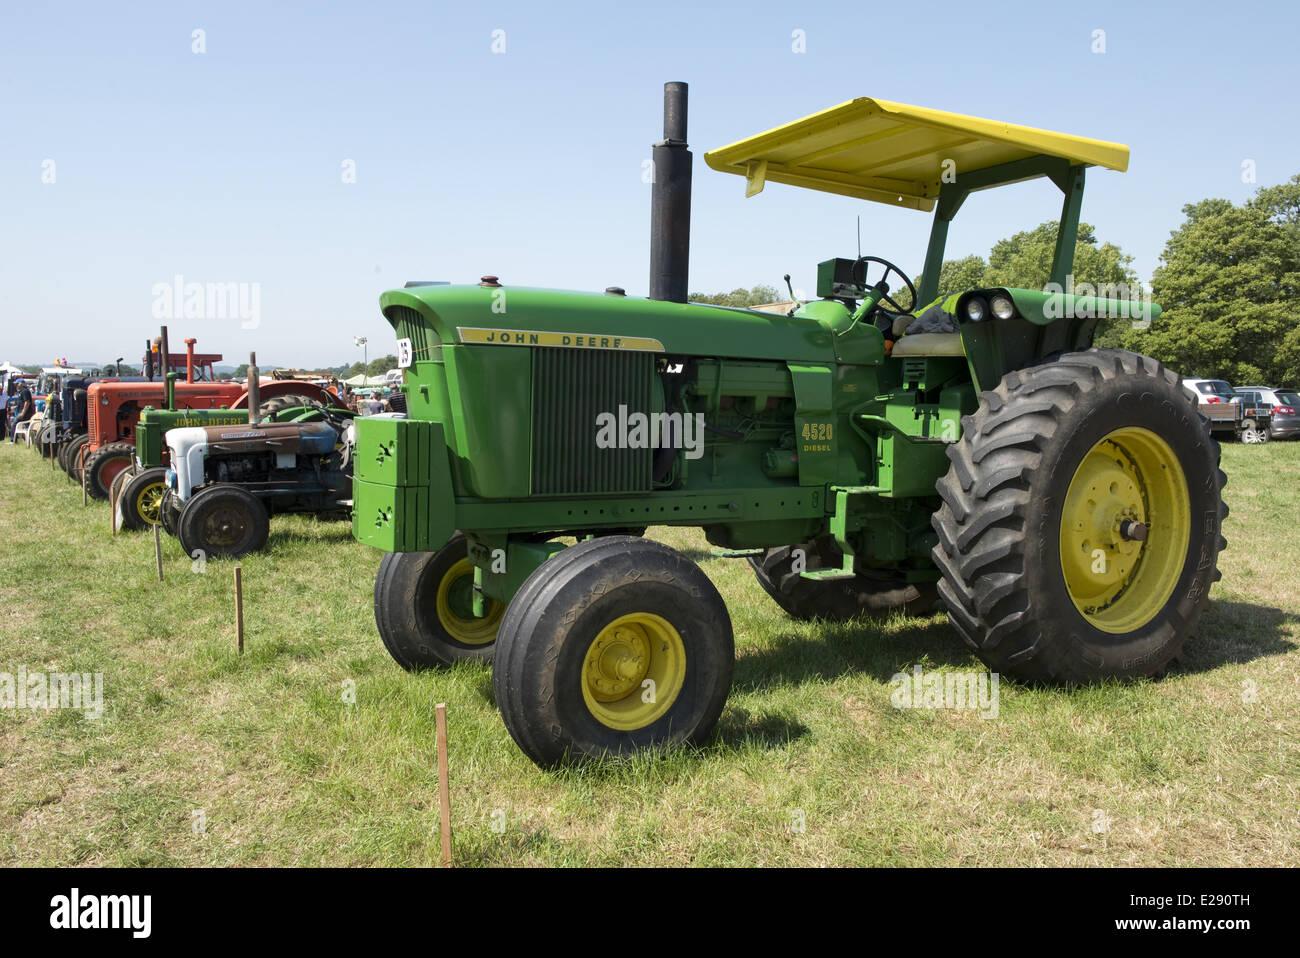 Antique John Deere Show Tractors : John deere stock photos images alamy